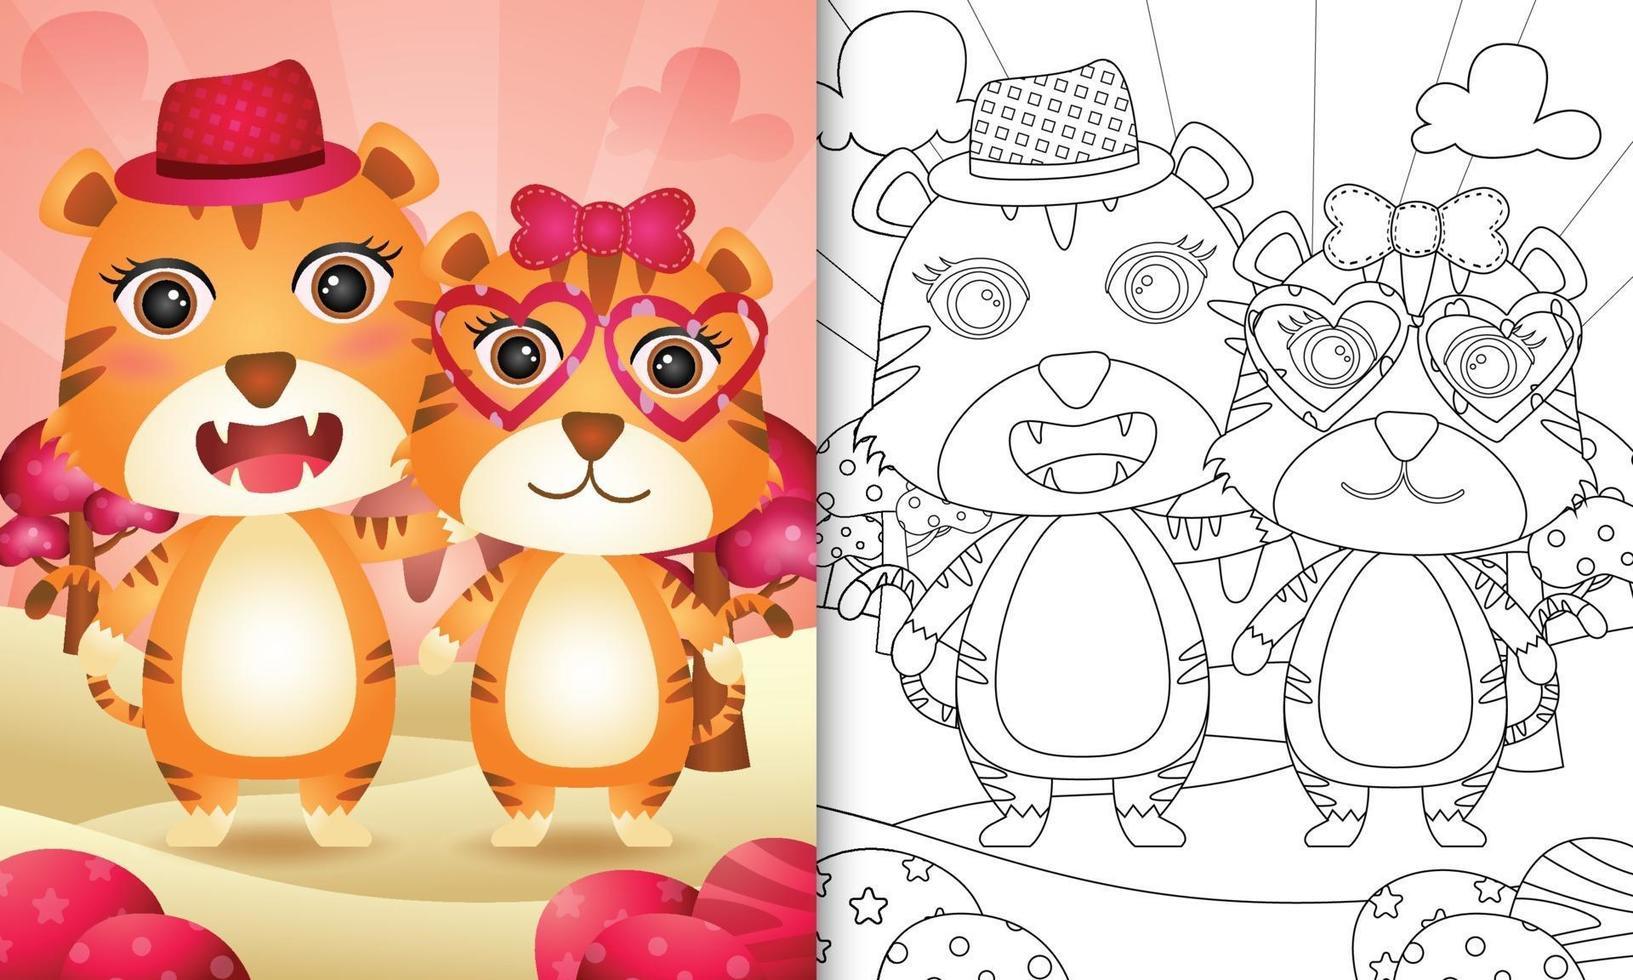 Malbuch für Kinder mit einem niedlichen Tigerpaar themenorientierten Valentinstag vektor